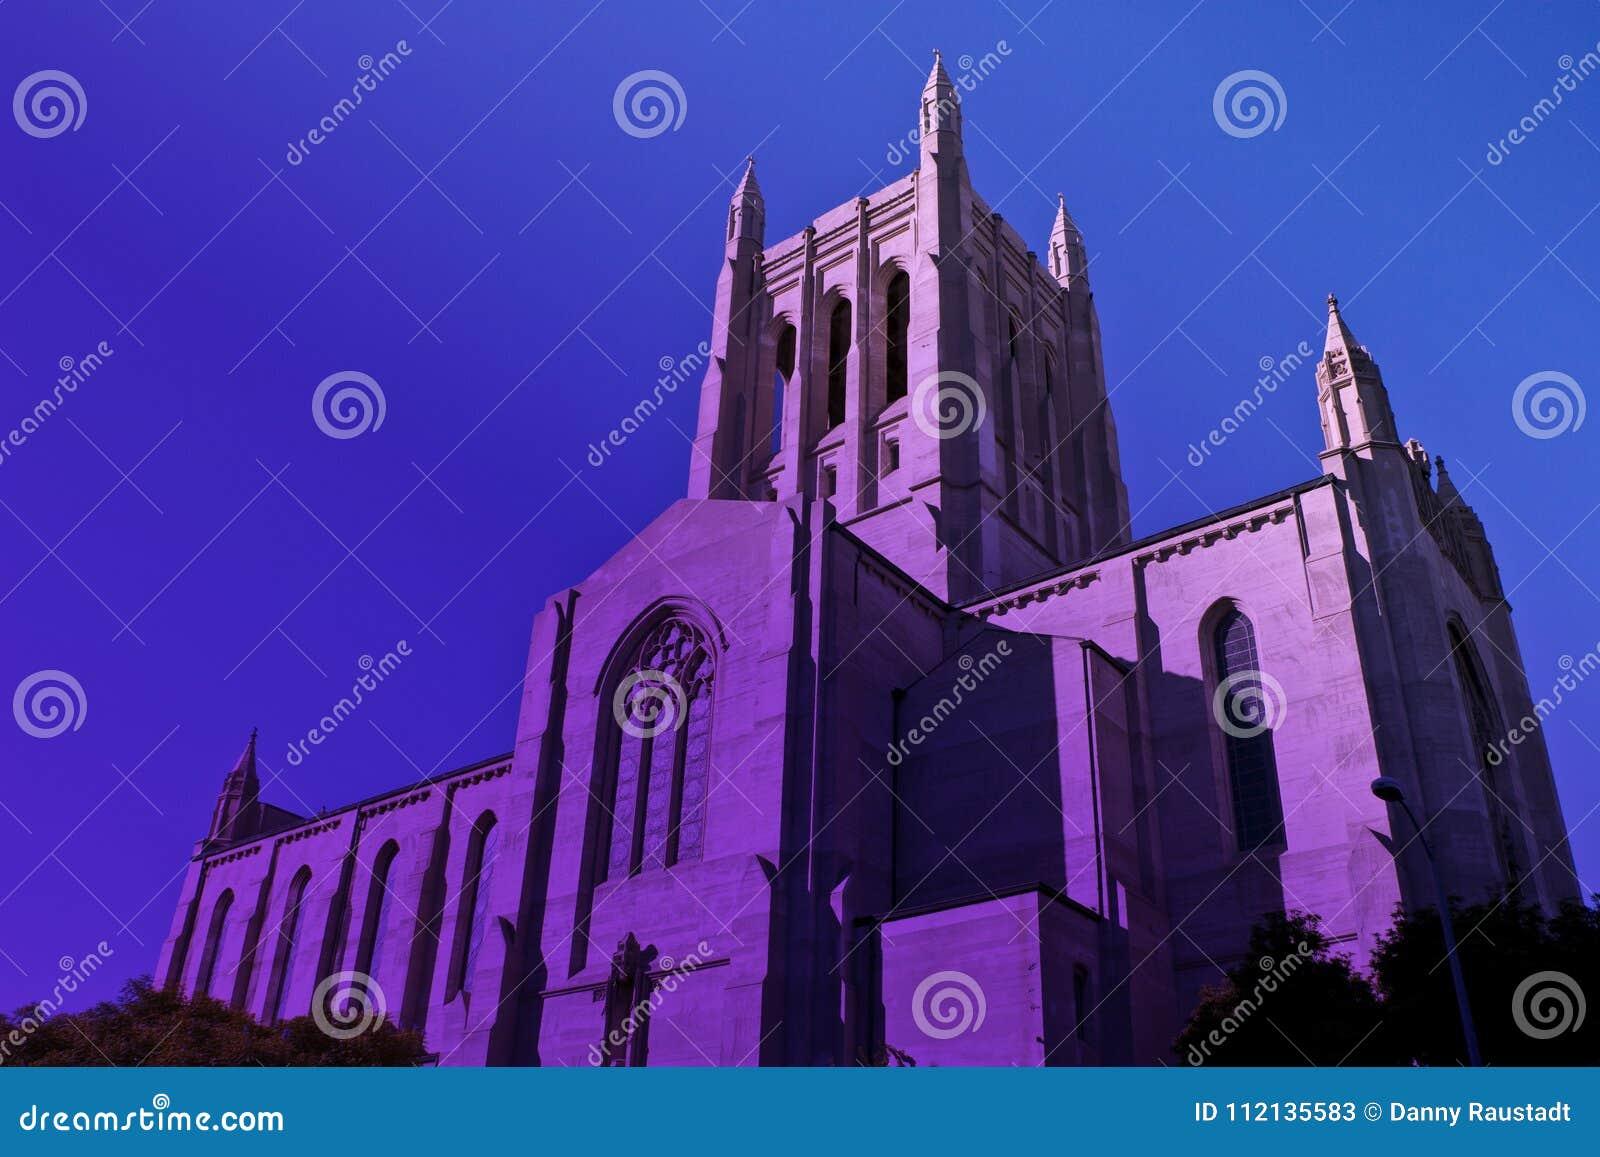 Chiesa cattolica del centro alta di Los Angeles in foschia porpora crepuscolare